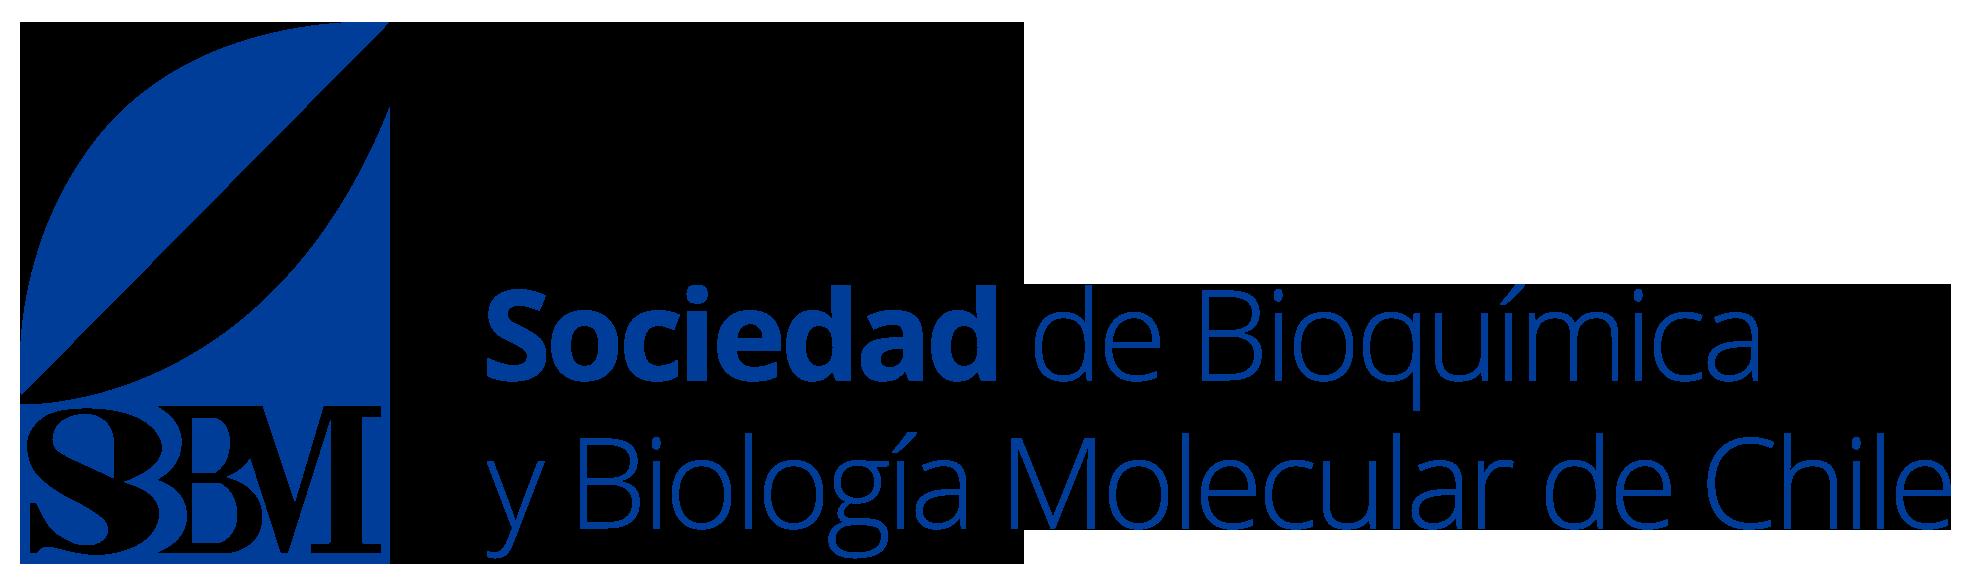 Sociedad de Bioquímica y Biología Molecular de Chile